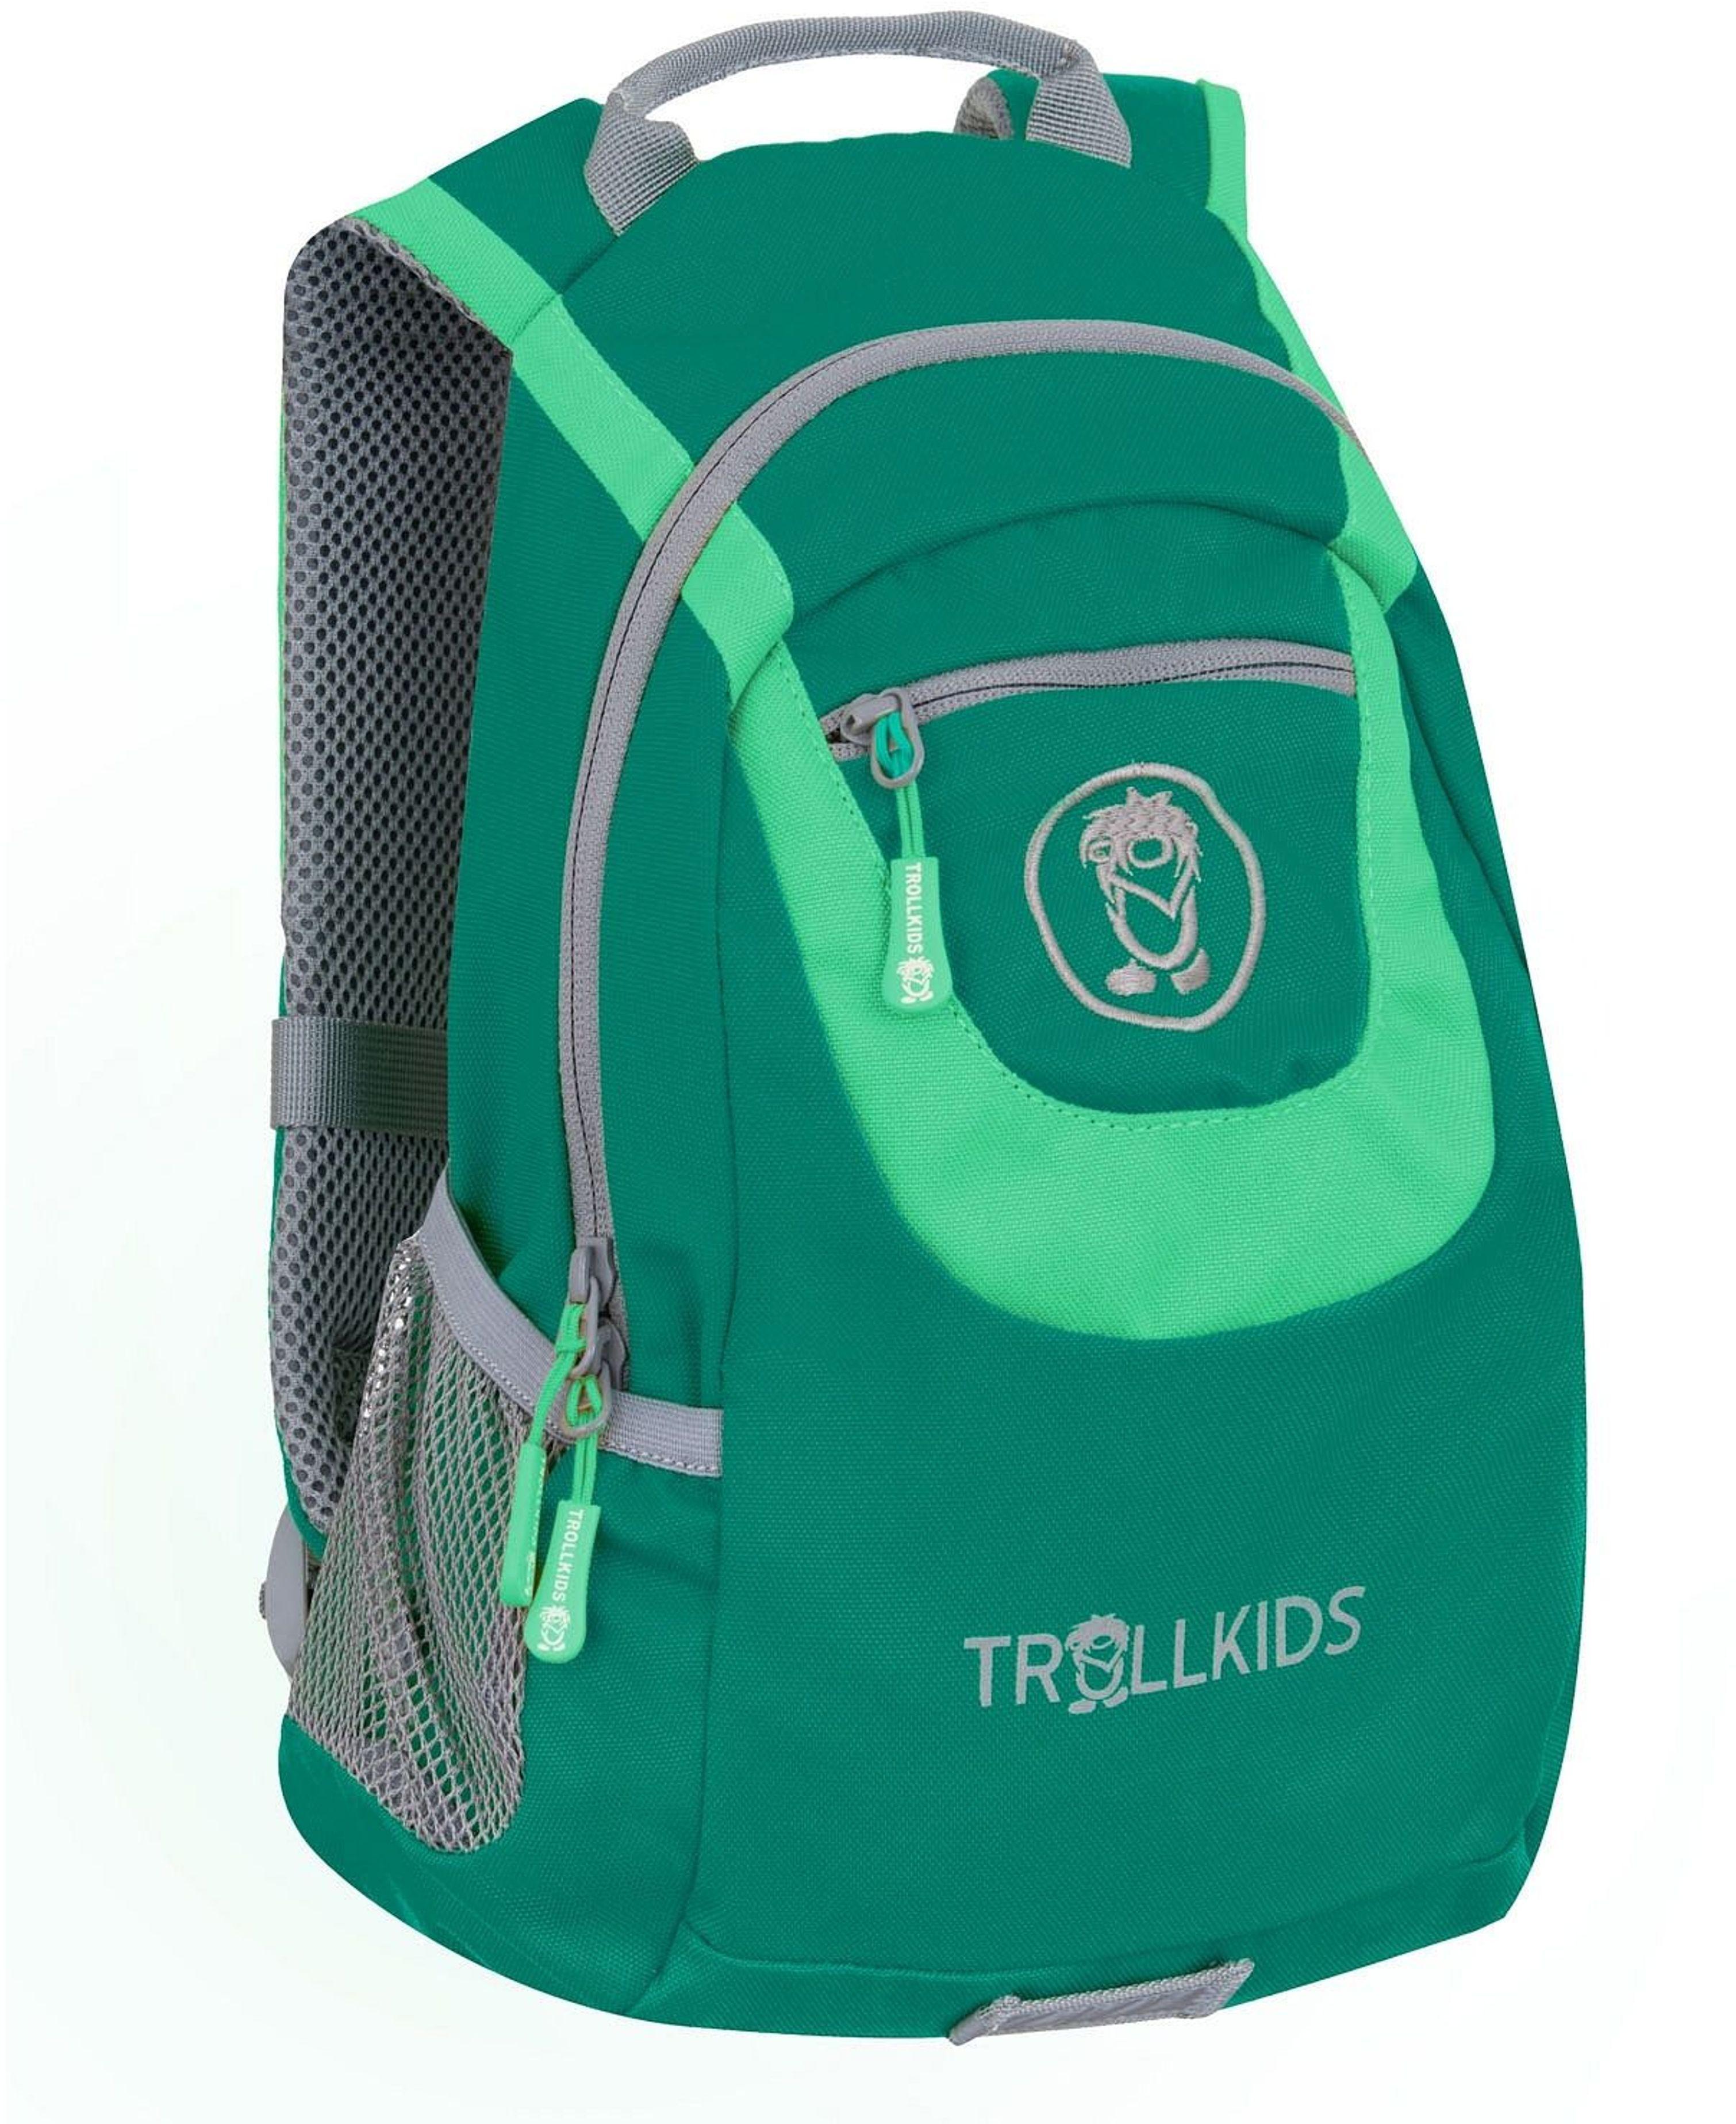 Trollkids Trollhavn Daypack S, 7 L Dark Green